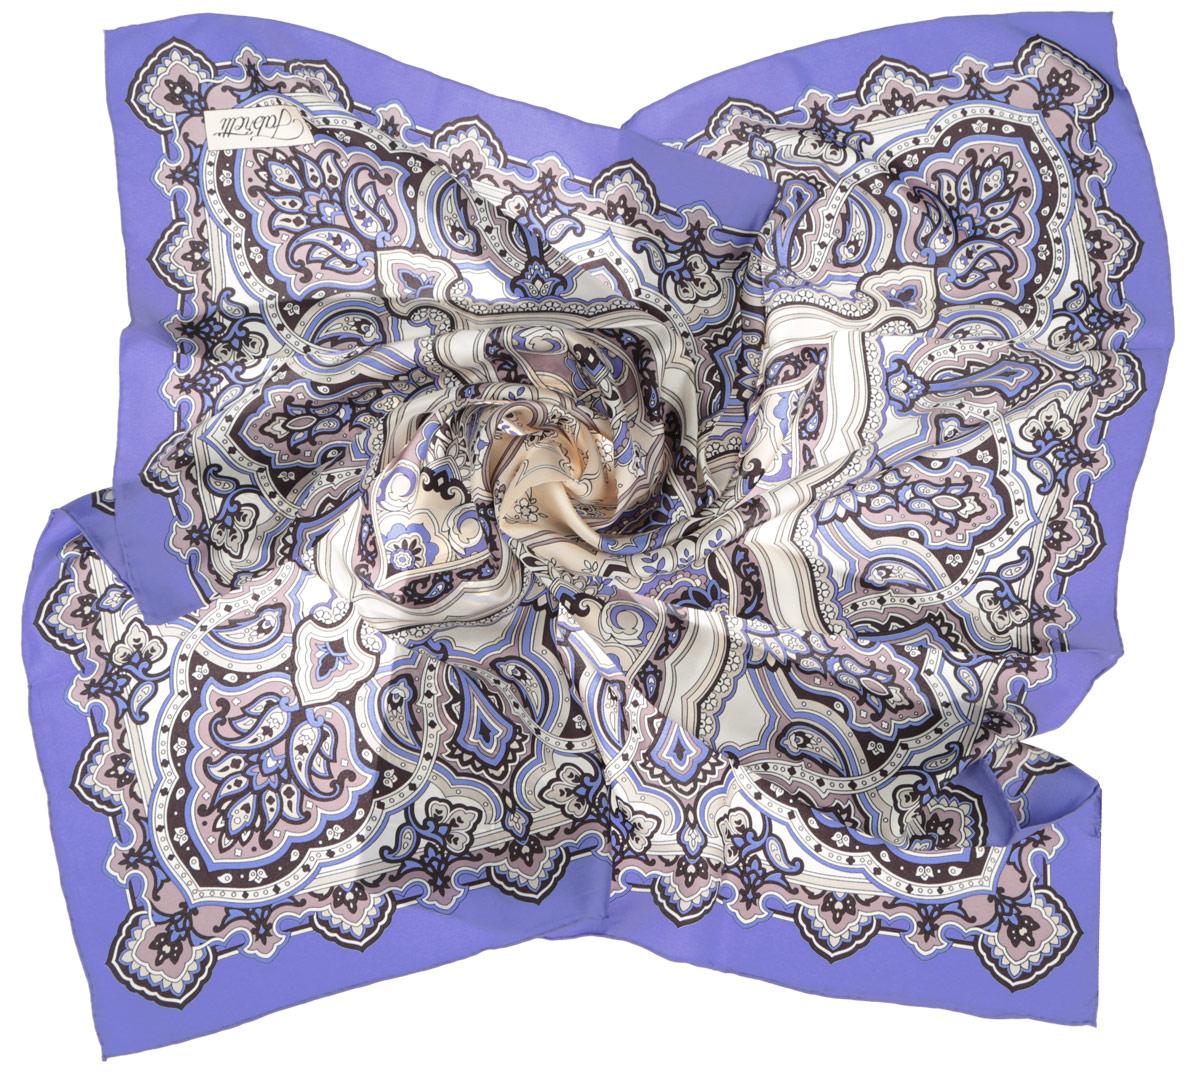 Платок женский Fabretti, цвет: синий, молочный. CX1516-46-2. Размер 90 см х 90 смCX1516-46-2Стильный женский платок Fabretti станет великолепным завершением любого наряда. Платок изготовлен из высококачественного 100% шелка и оформлен оригинальным принтом с цветочным орнаментом в восточном стиле.Классическая квадратная форма позволяет носить платок на шее, украшать им прическу или декорировать сумочку. Мягкий и шелковистый платок поможет вам создать изысканный женственный образ, а также согреет в непогоду. Такой платок превосходно дополнит любой наряд и подчеркнет ваш неповторимый вкус и элегантность.